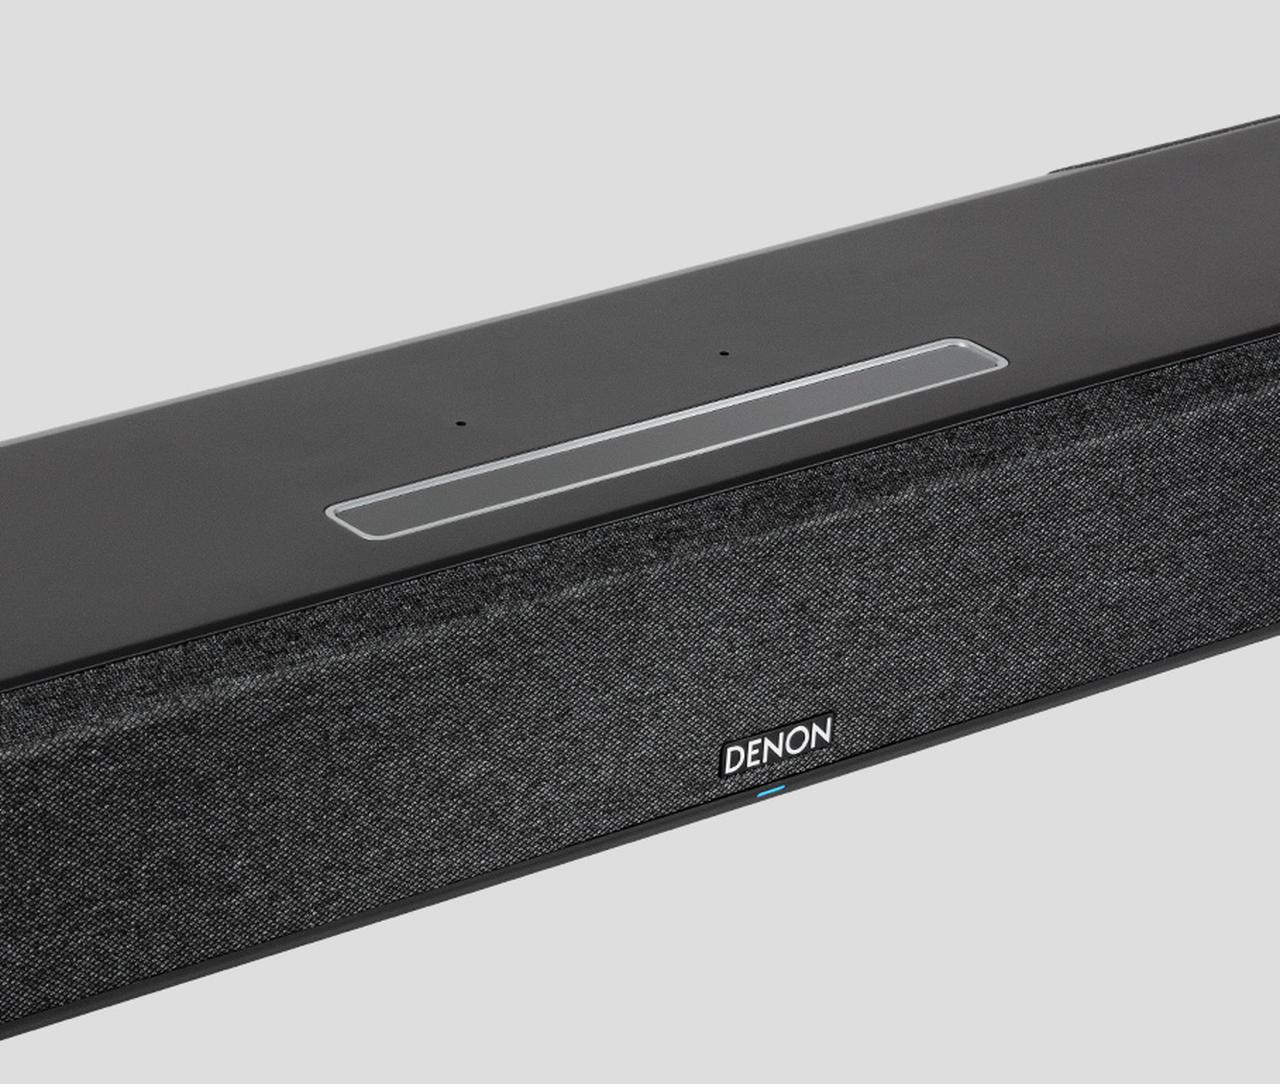 画像: Denon Home Sound Bar 550 | HEOS Built-inサウンドバー | Denon公式 DENON HOME SOUND BAR 550